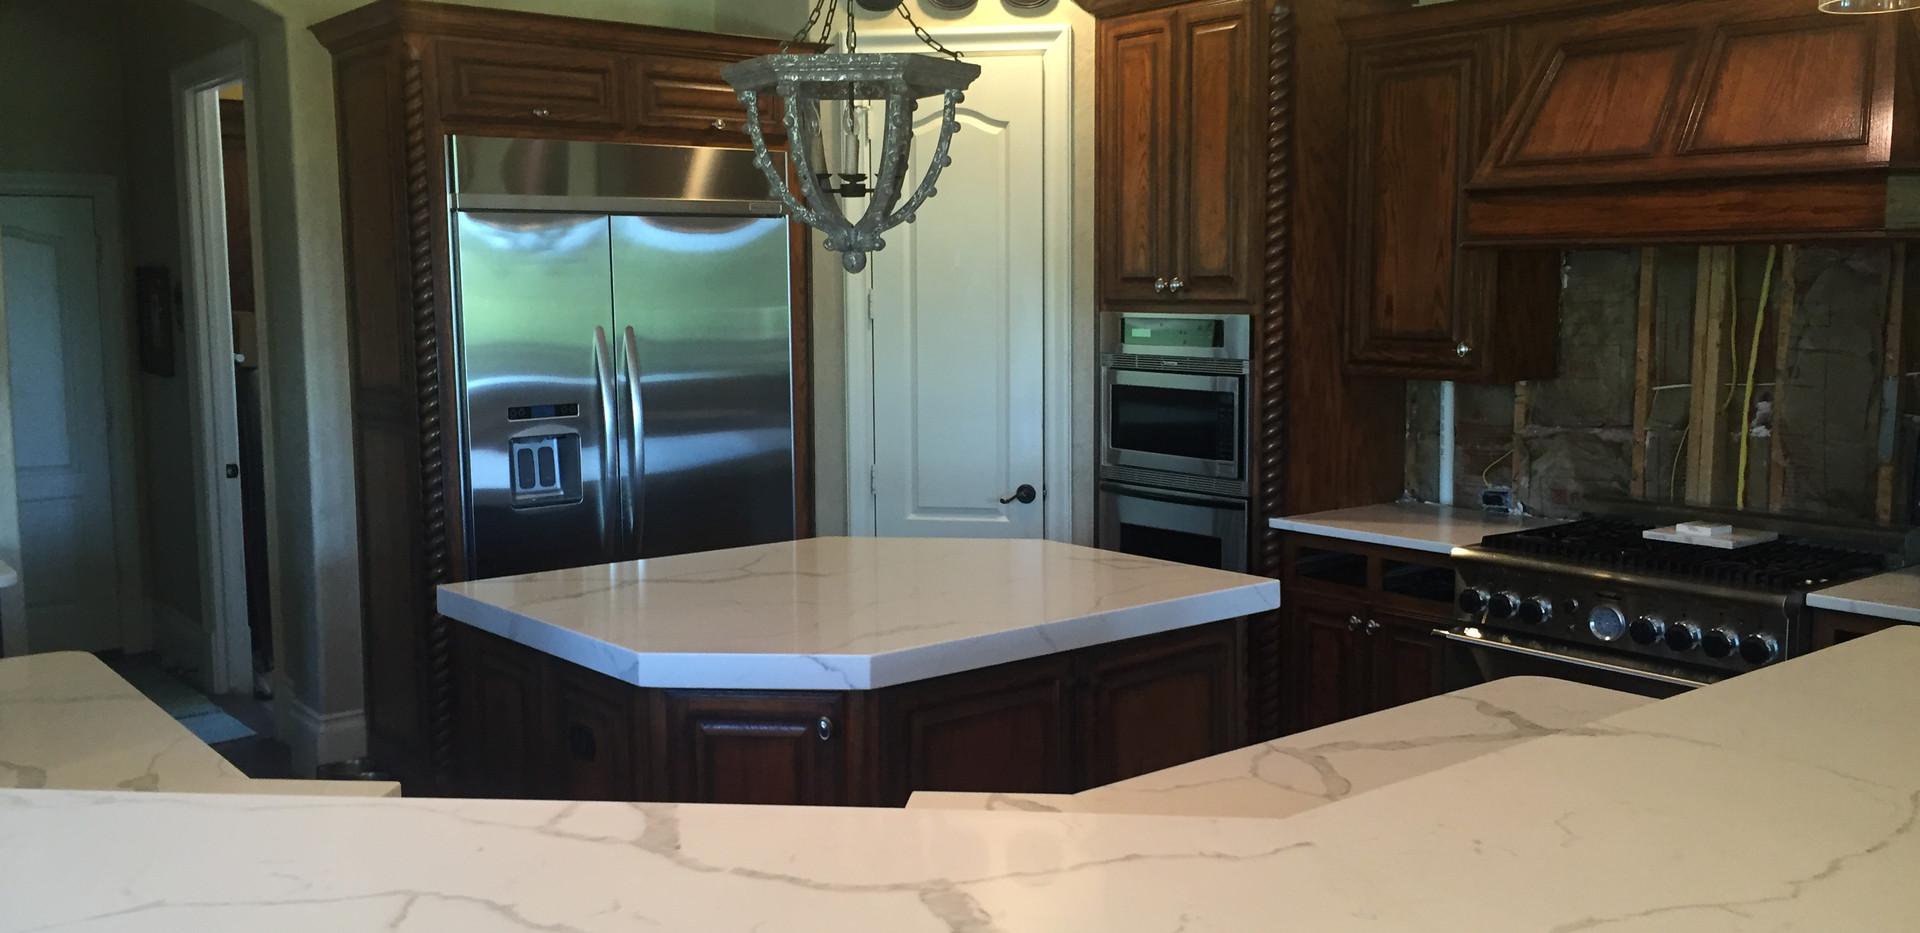 white_calcatta_quartz_kitchen_countertop